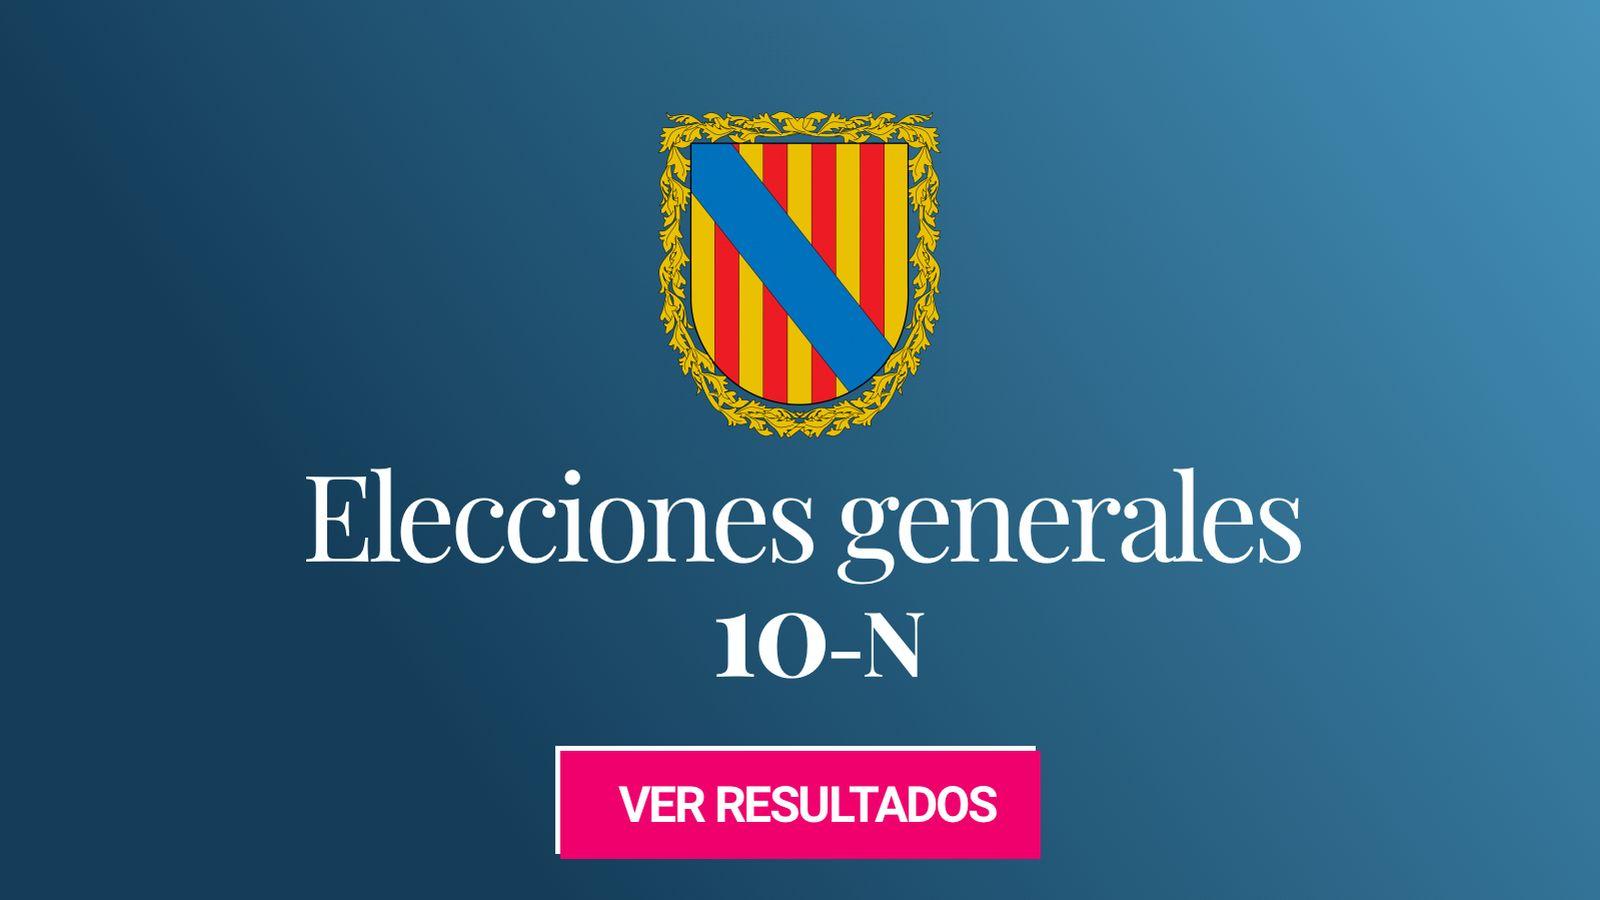 Foto: Elecciones generales 2019 en la provincia de Islas Baleares. (C.C./HansenBCN)